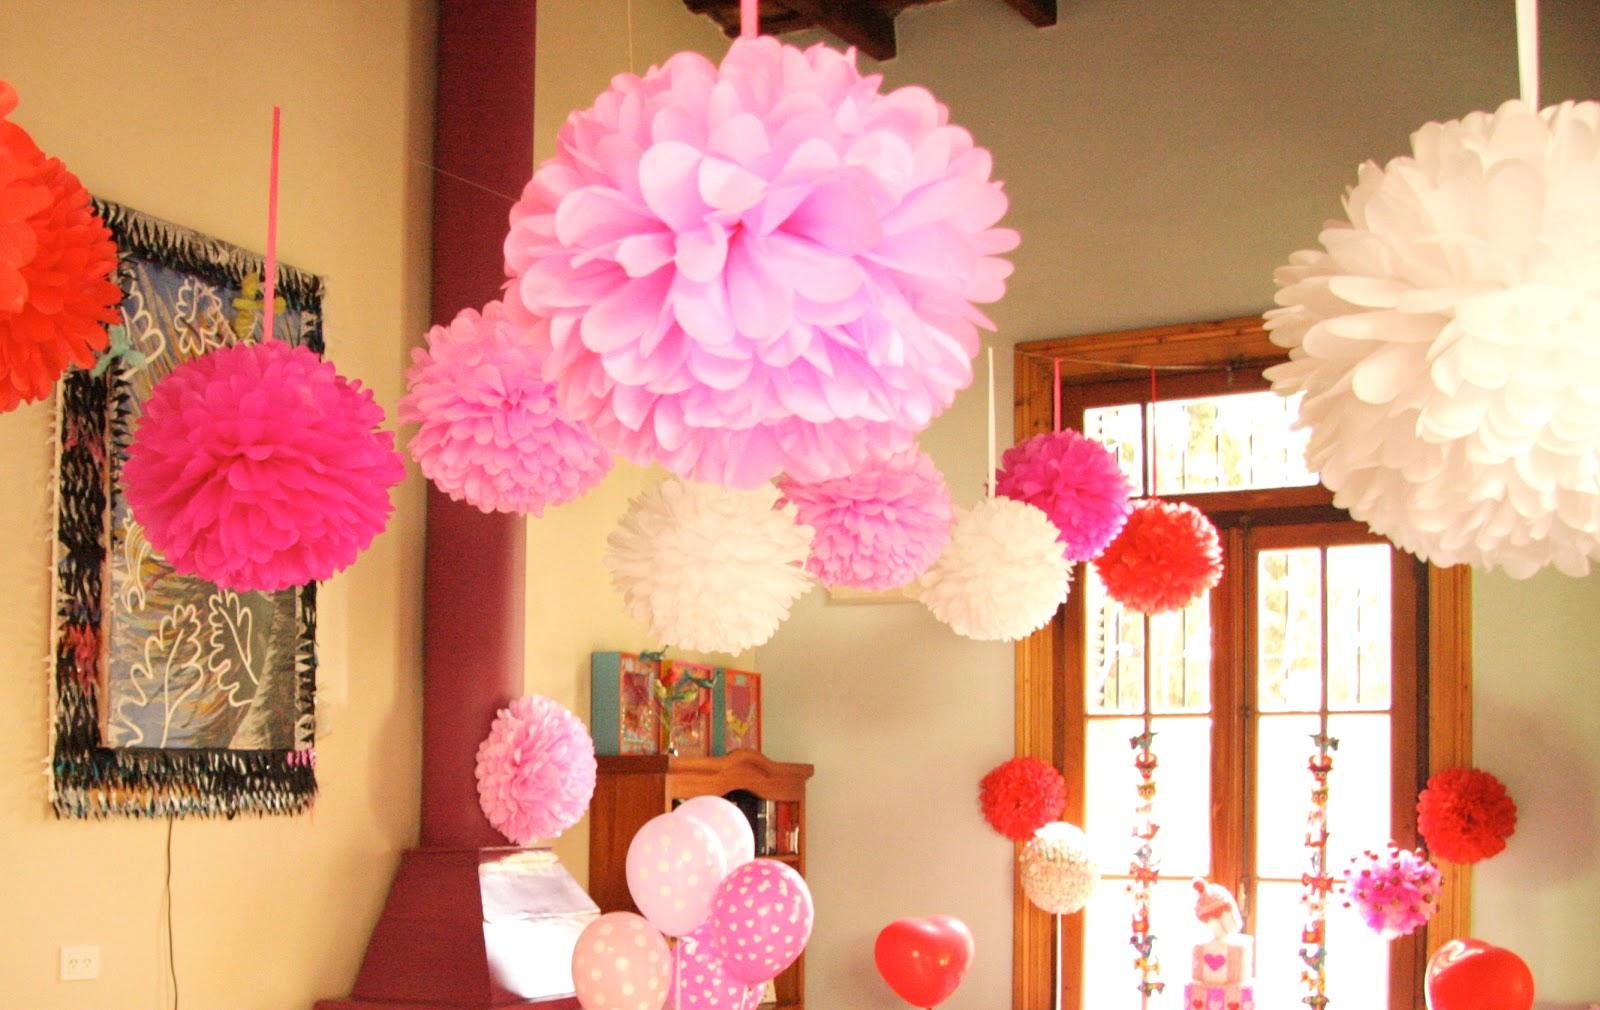 Puerta al sur flores de papel para decorar ambientes y for Cuarto adornado para cumpleanos